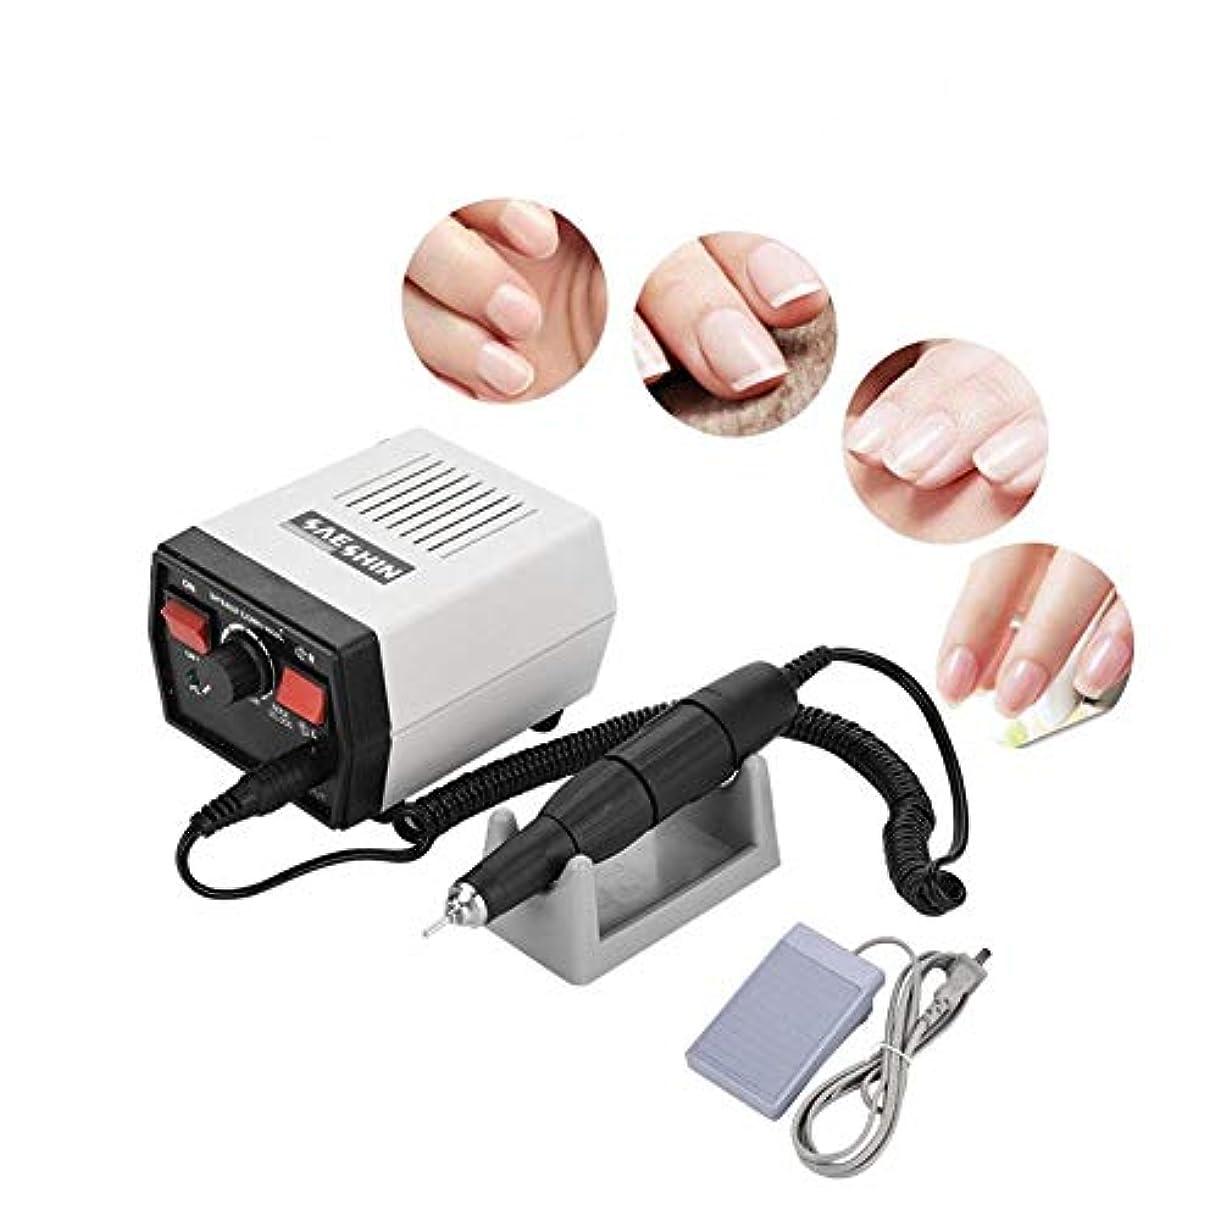 セッション責任者識別する電動ネイルドリル、電動研磨研削カービングマニキュアとペディキュアセット低ノイズ安定(110V (US Plug))